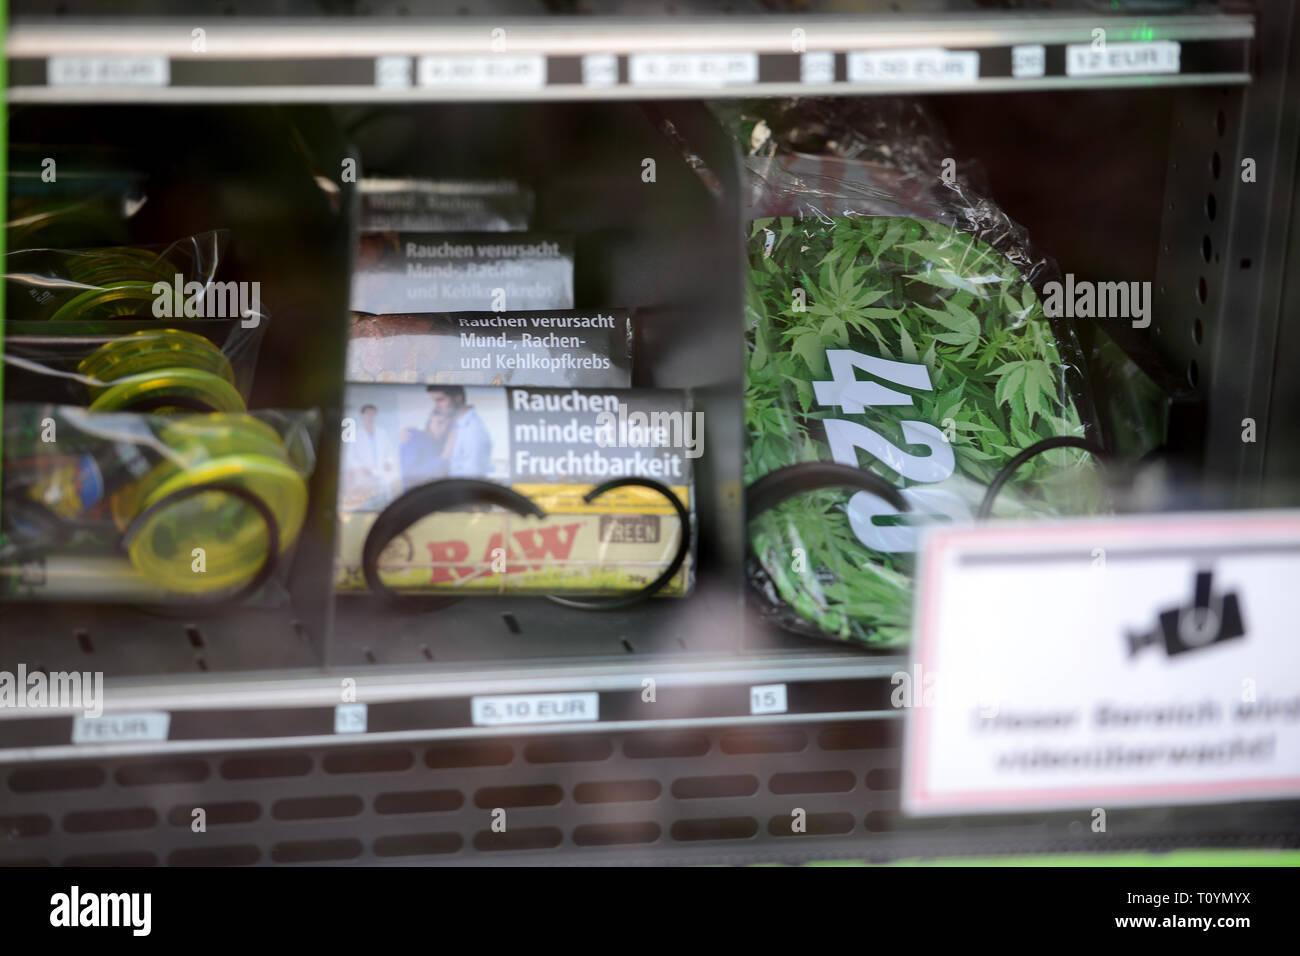 Trier, Allemagne. Mar 21, 2019. Appuyé et fleurs séchées en sachets de cannabis ainsi que d'extraire les perles dans des boîtes de plastique plus toutes sortes d'accessoires fumeurs sont disponibles à l'achat dans un distributeur automatique de cannabis. Ce sont des produits du chanvre avec la substance active CBD (cannabidiol), qui est considérée comme difficilement substances psychoactives. Credit: Harald Tittel/dpa/Alamy Live News Banque D'Images